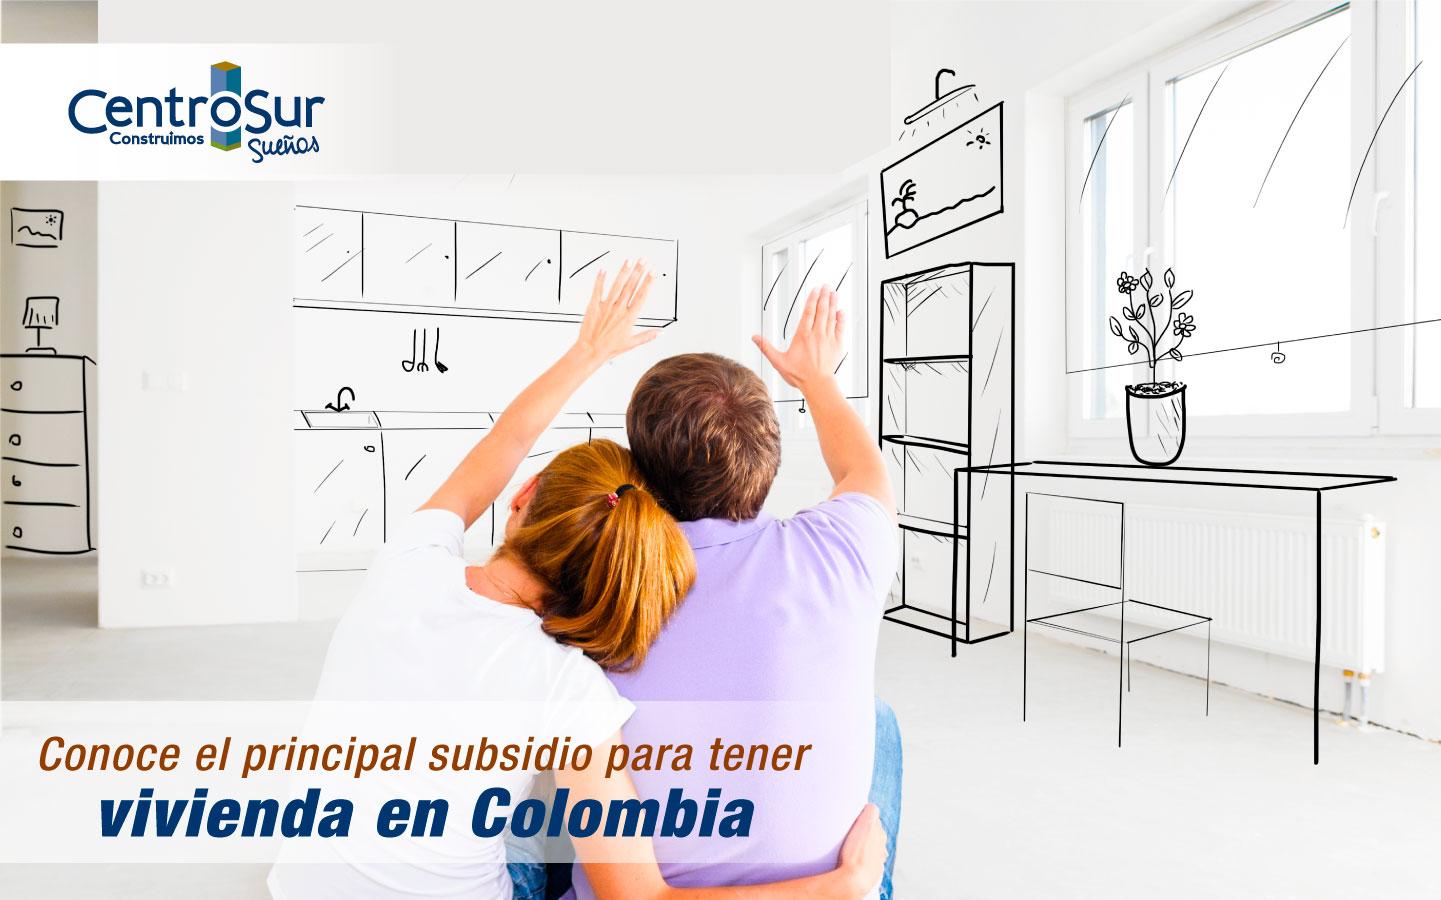 Conoce el principal subsidio para tener vivienda en Colombia